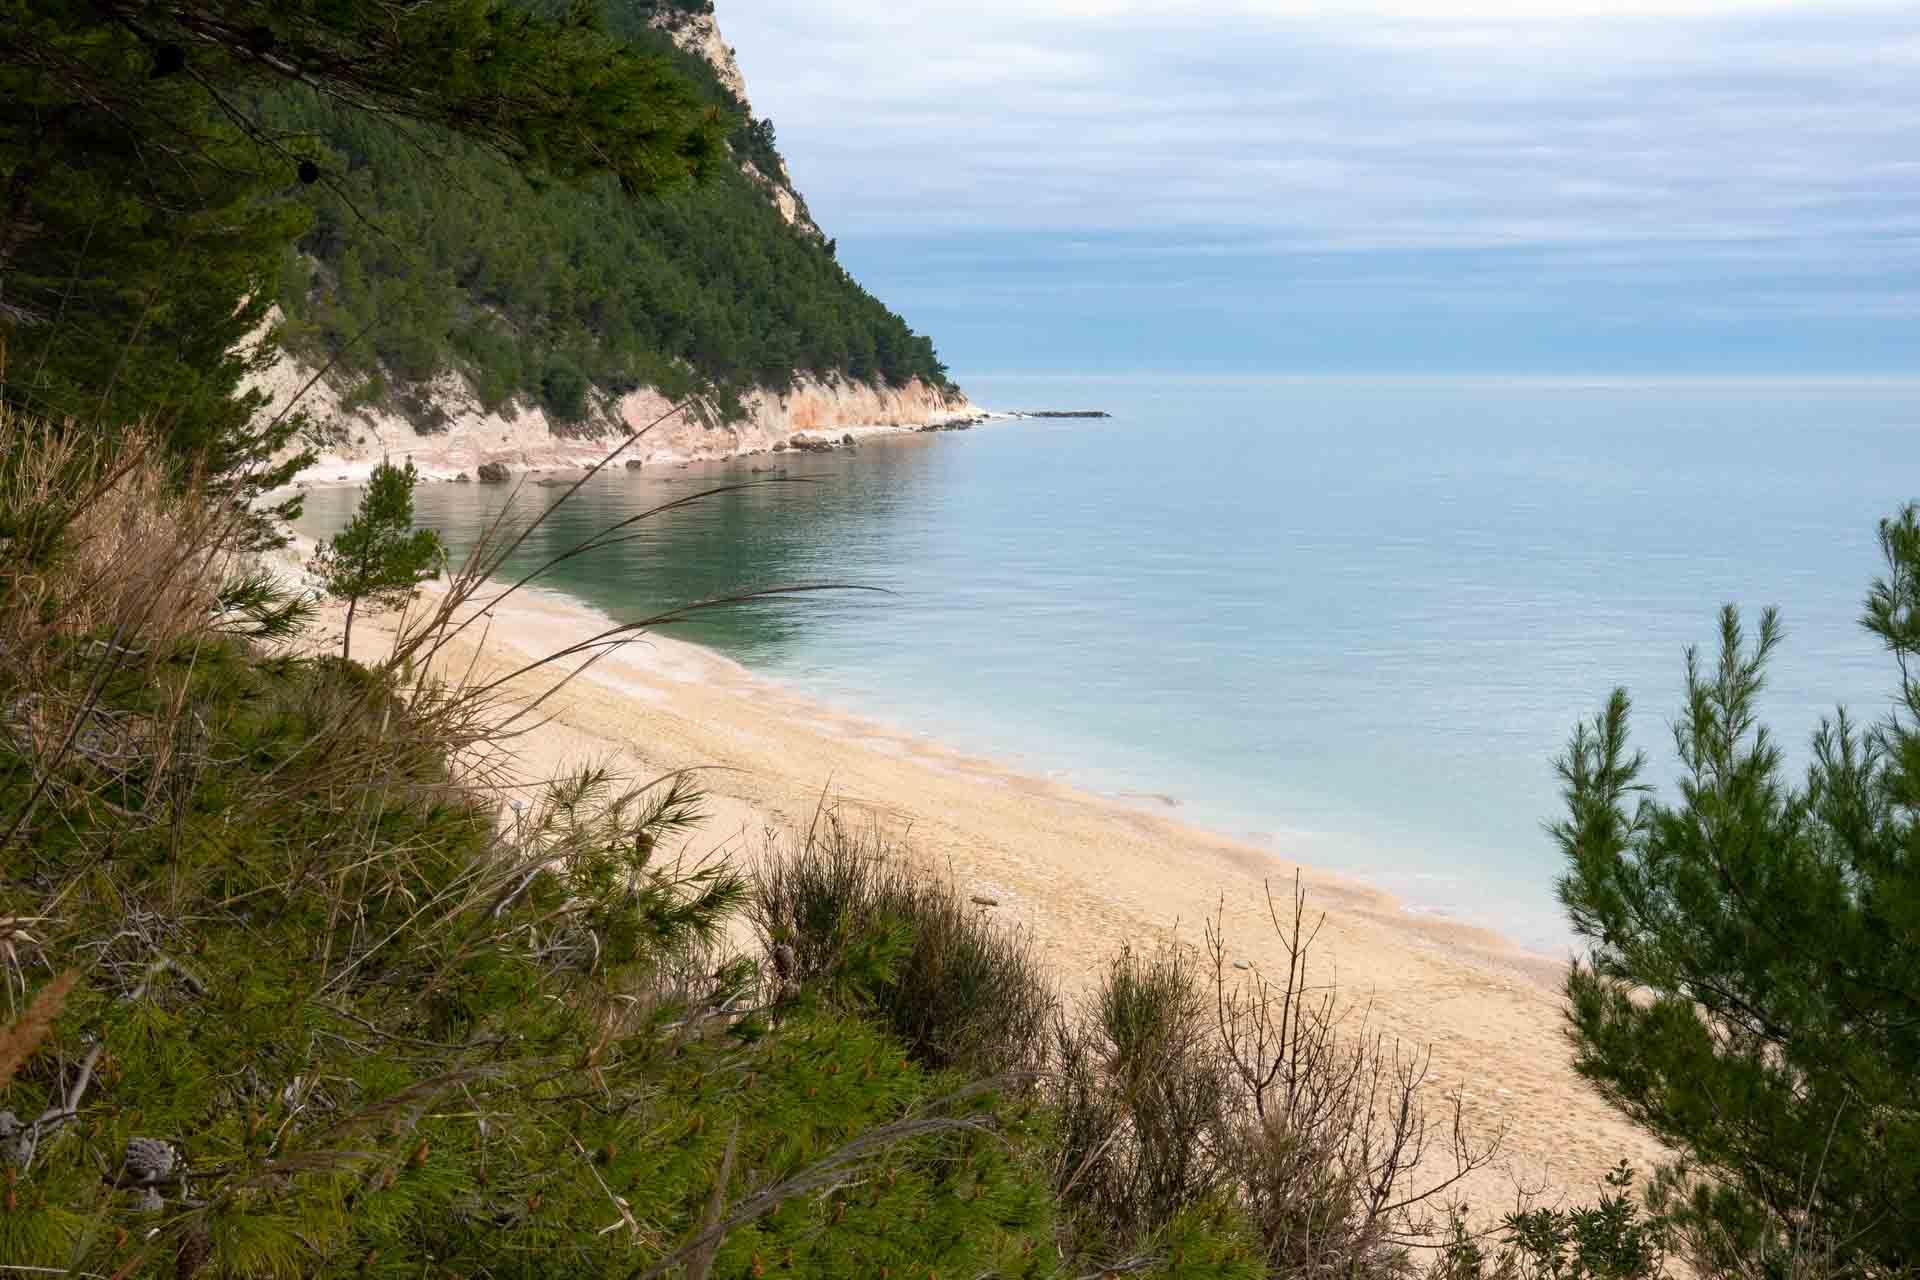 Spiaggia Sassi Neri 1 © Sauro Strappato